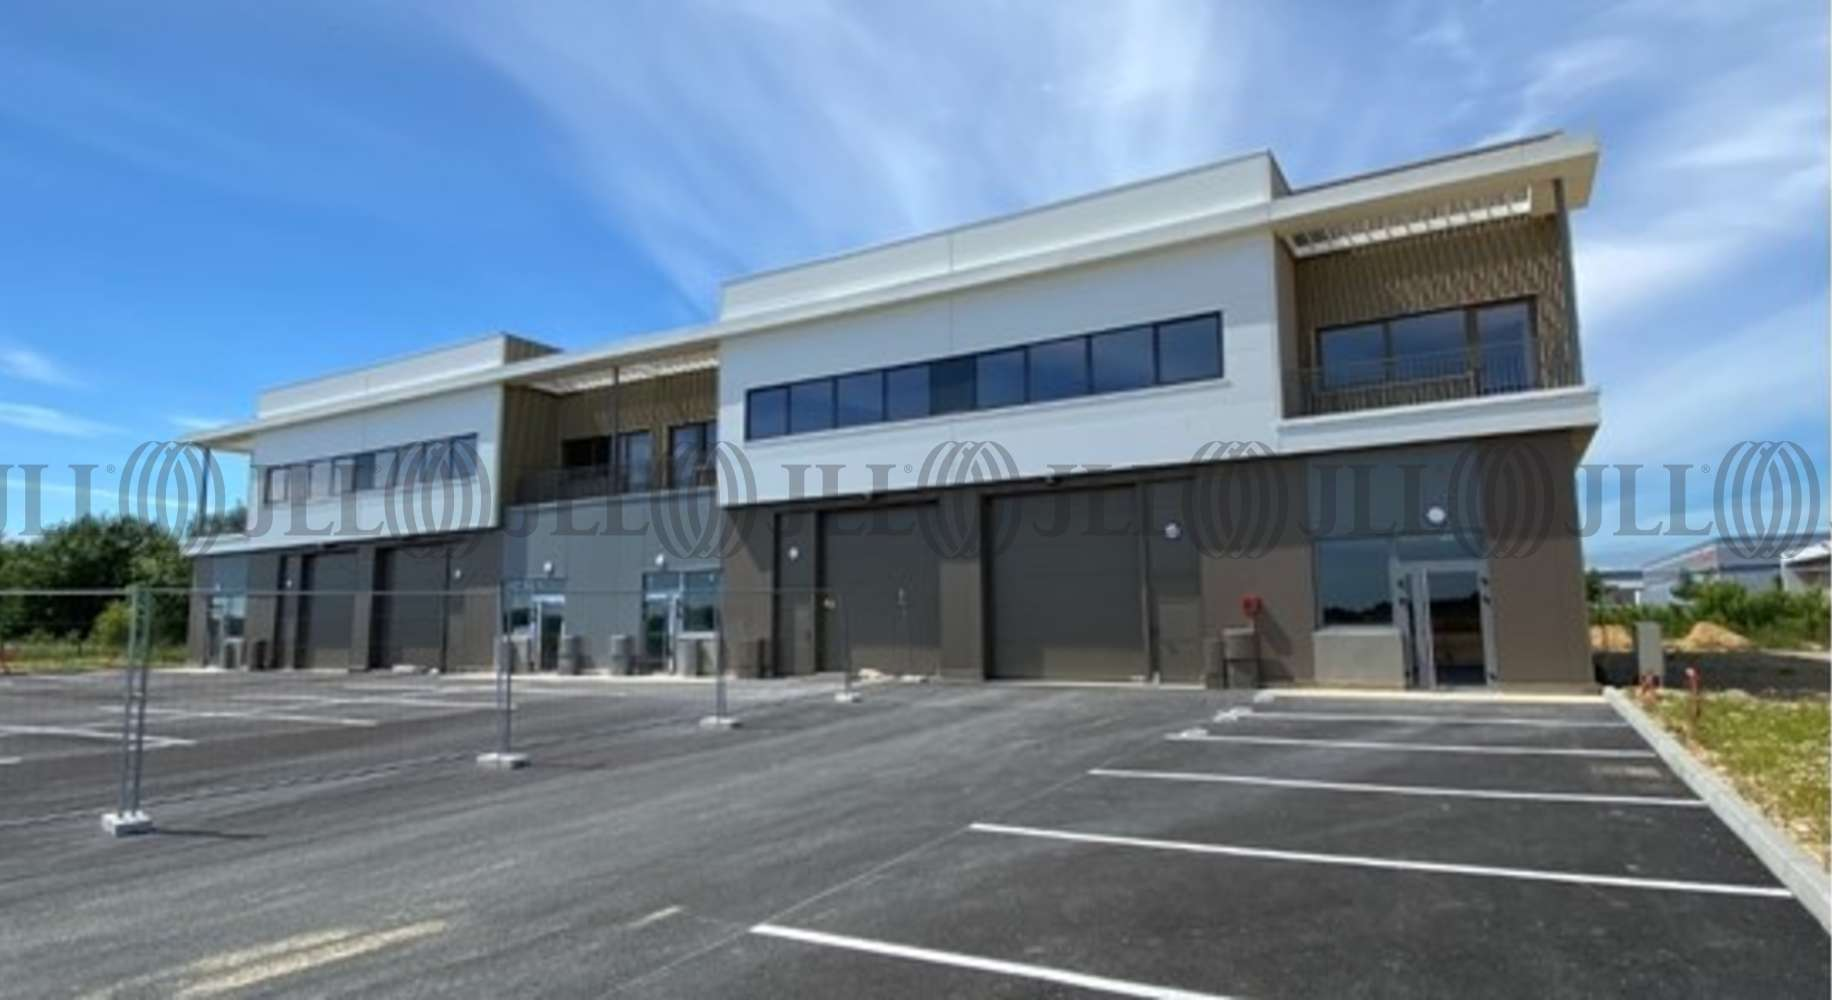 Activités/entrepôt Bailly romainvilliers, 77700 - BUSINESS CLUSTER VAL D'EUROPE